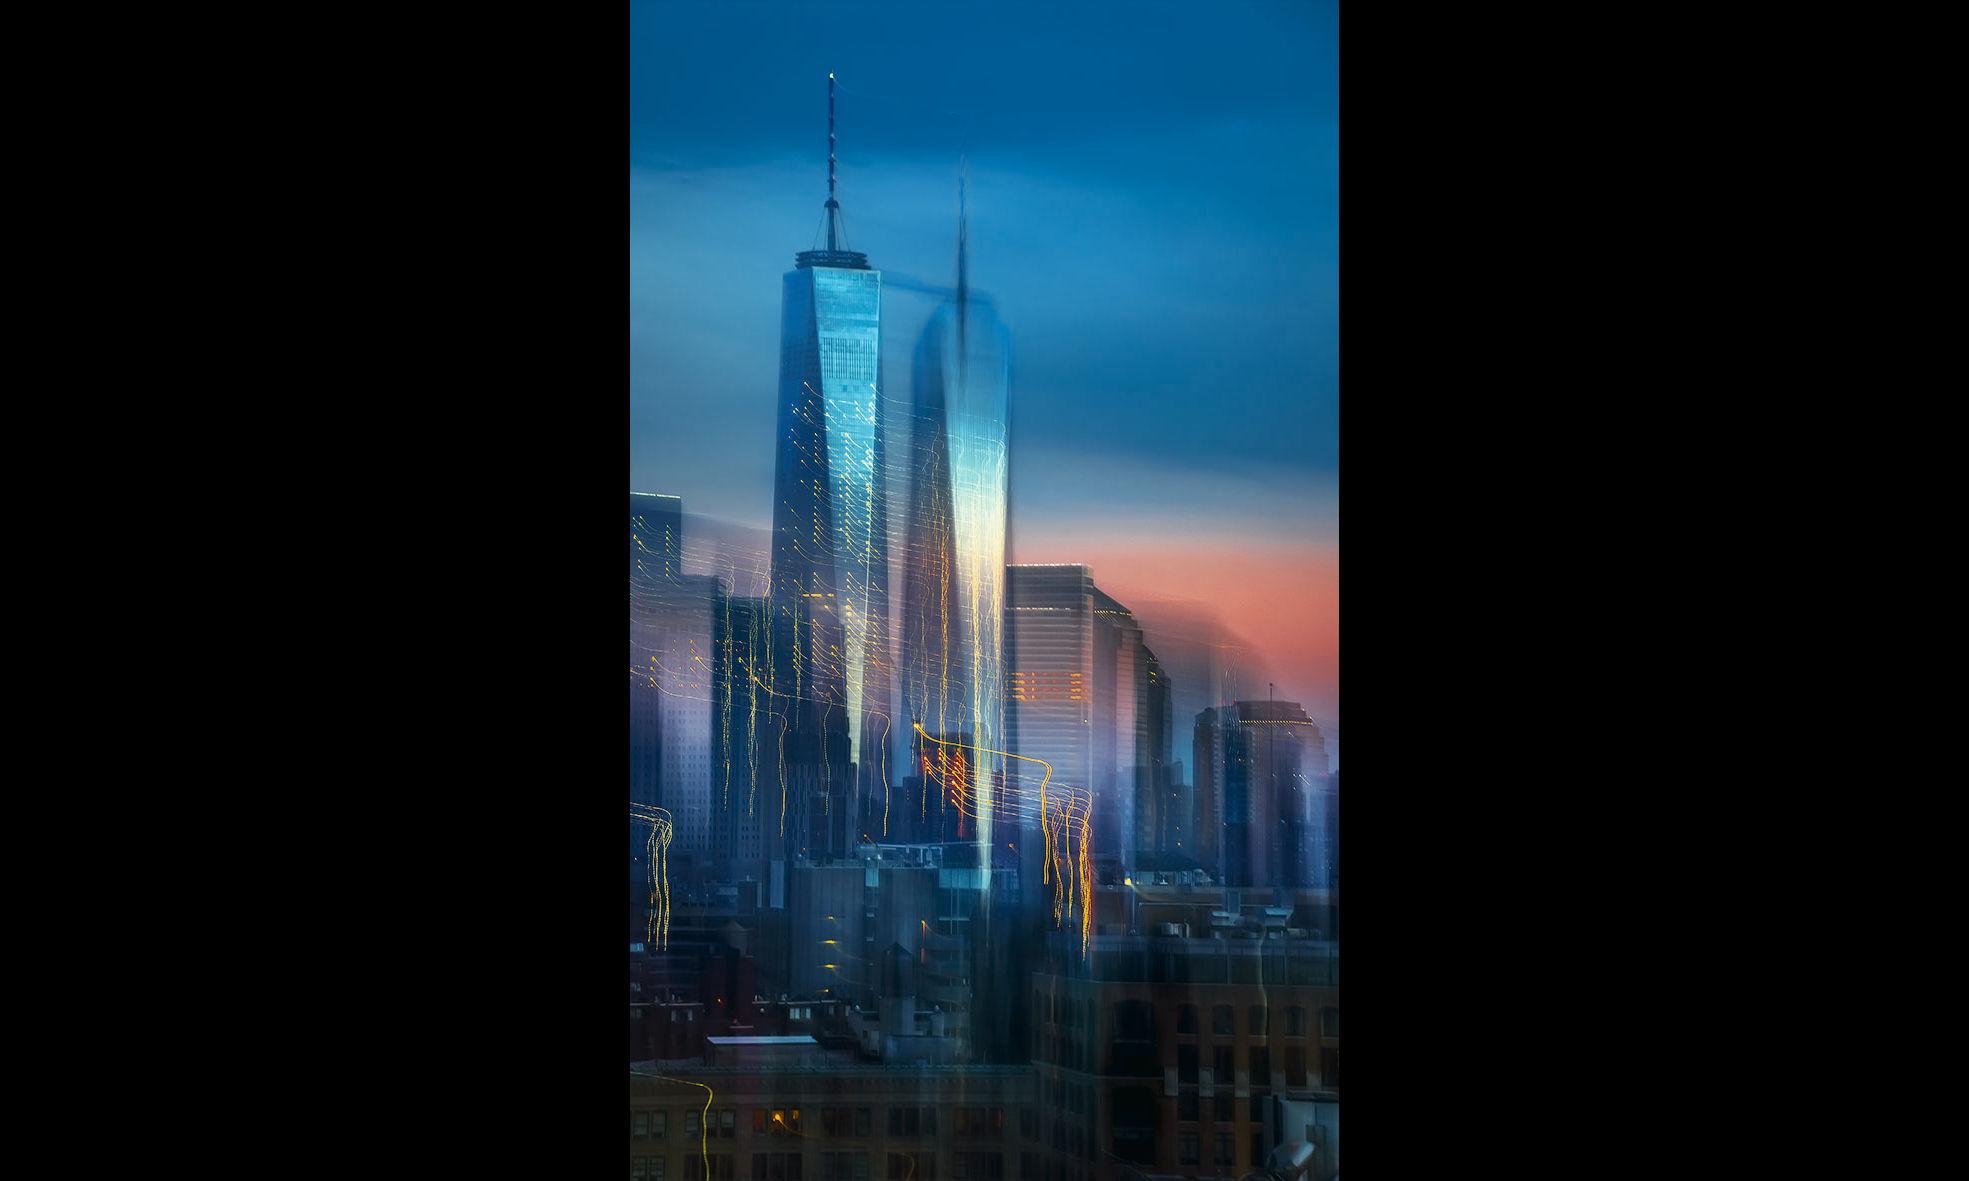 Pepe Soho - Liberty Tower